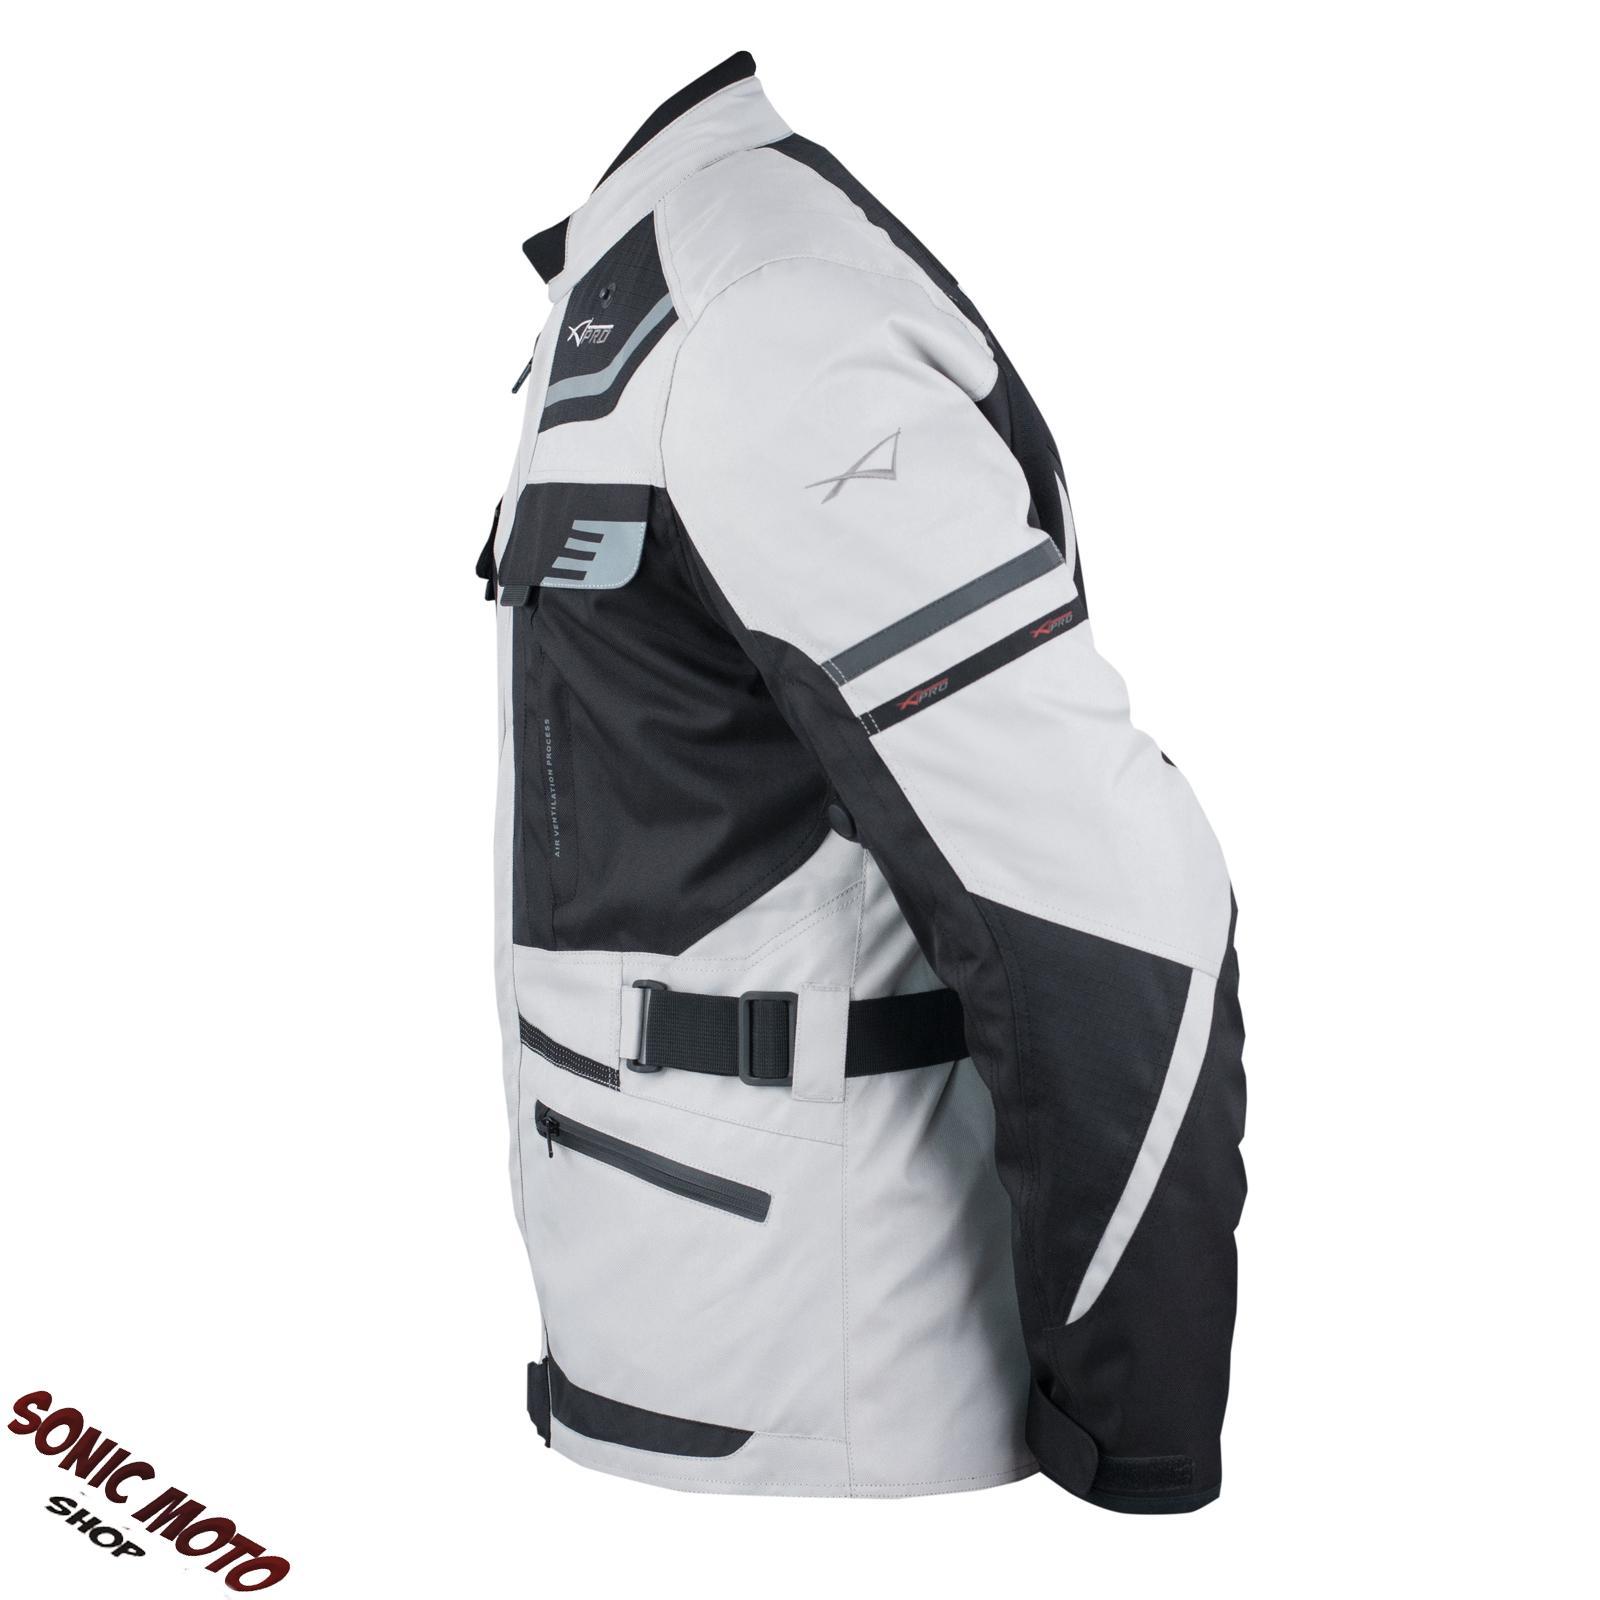 Giacca-Moto-Scooter-Tessuto-Protezioni-CE-Impermeabile-Riflettente